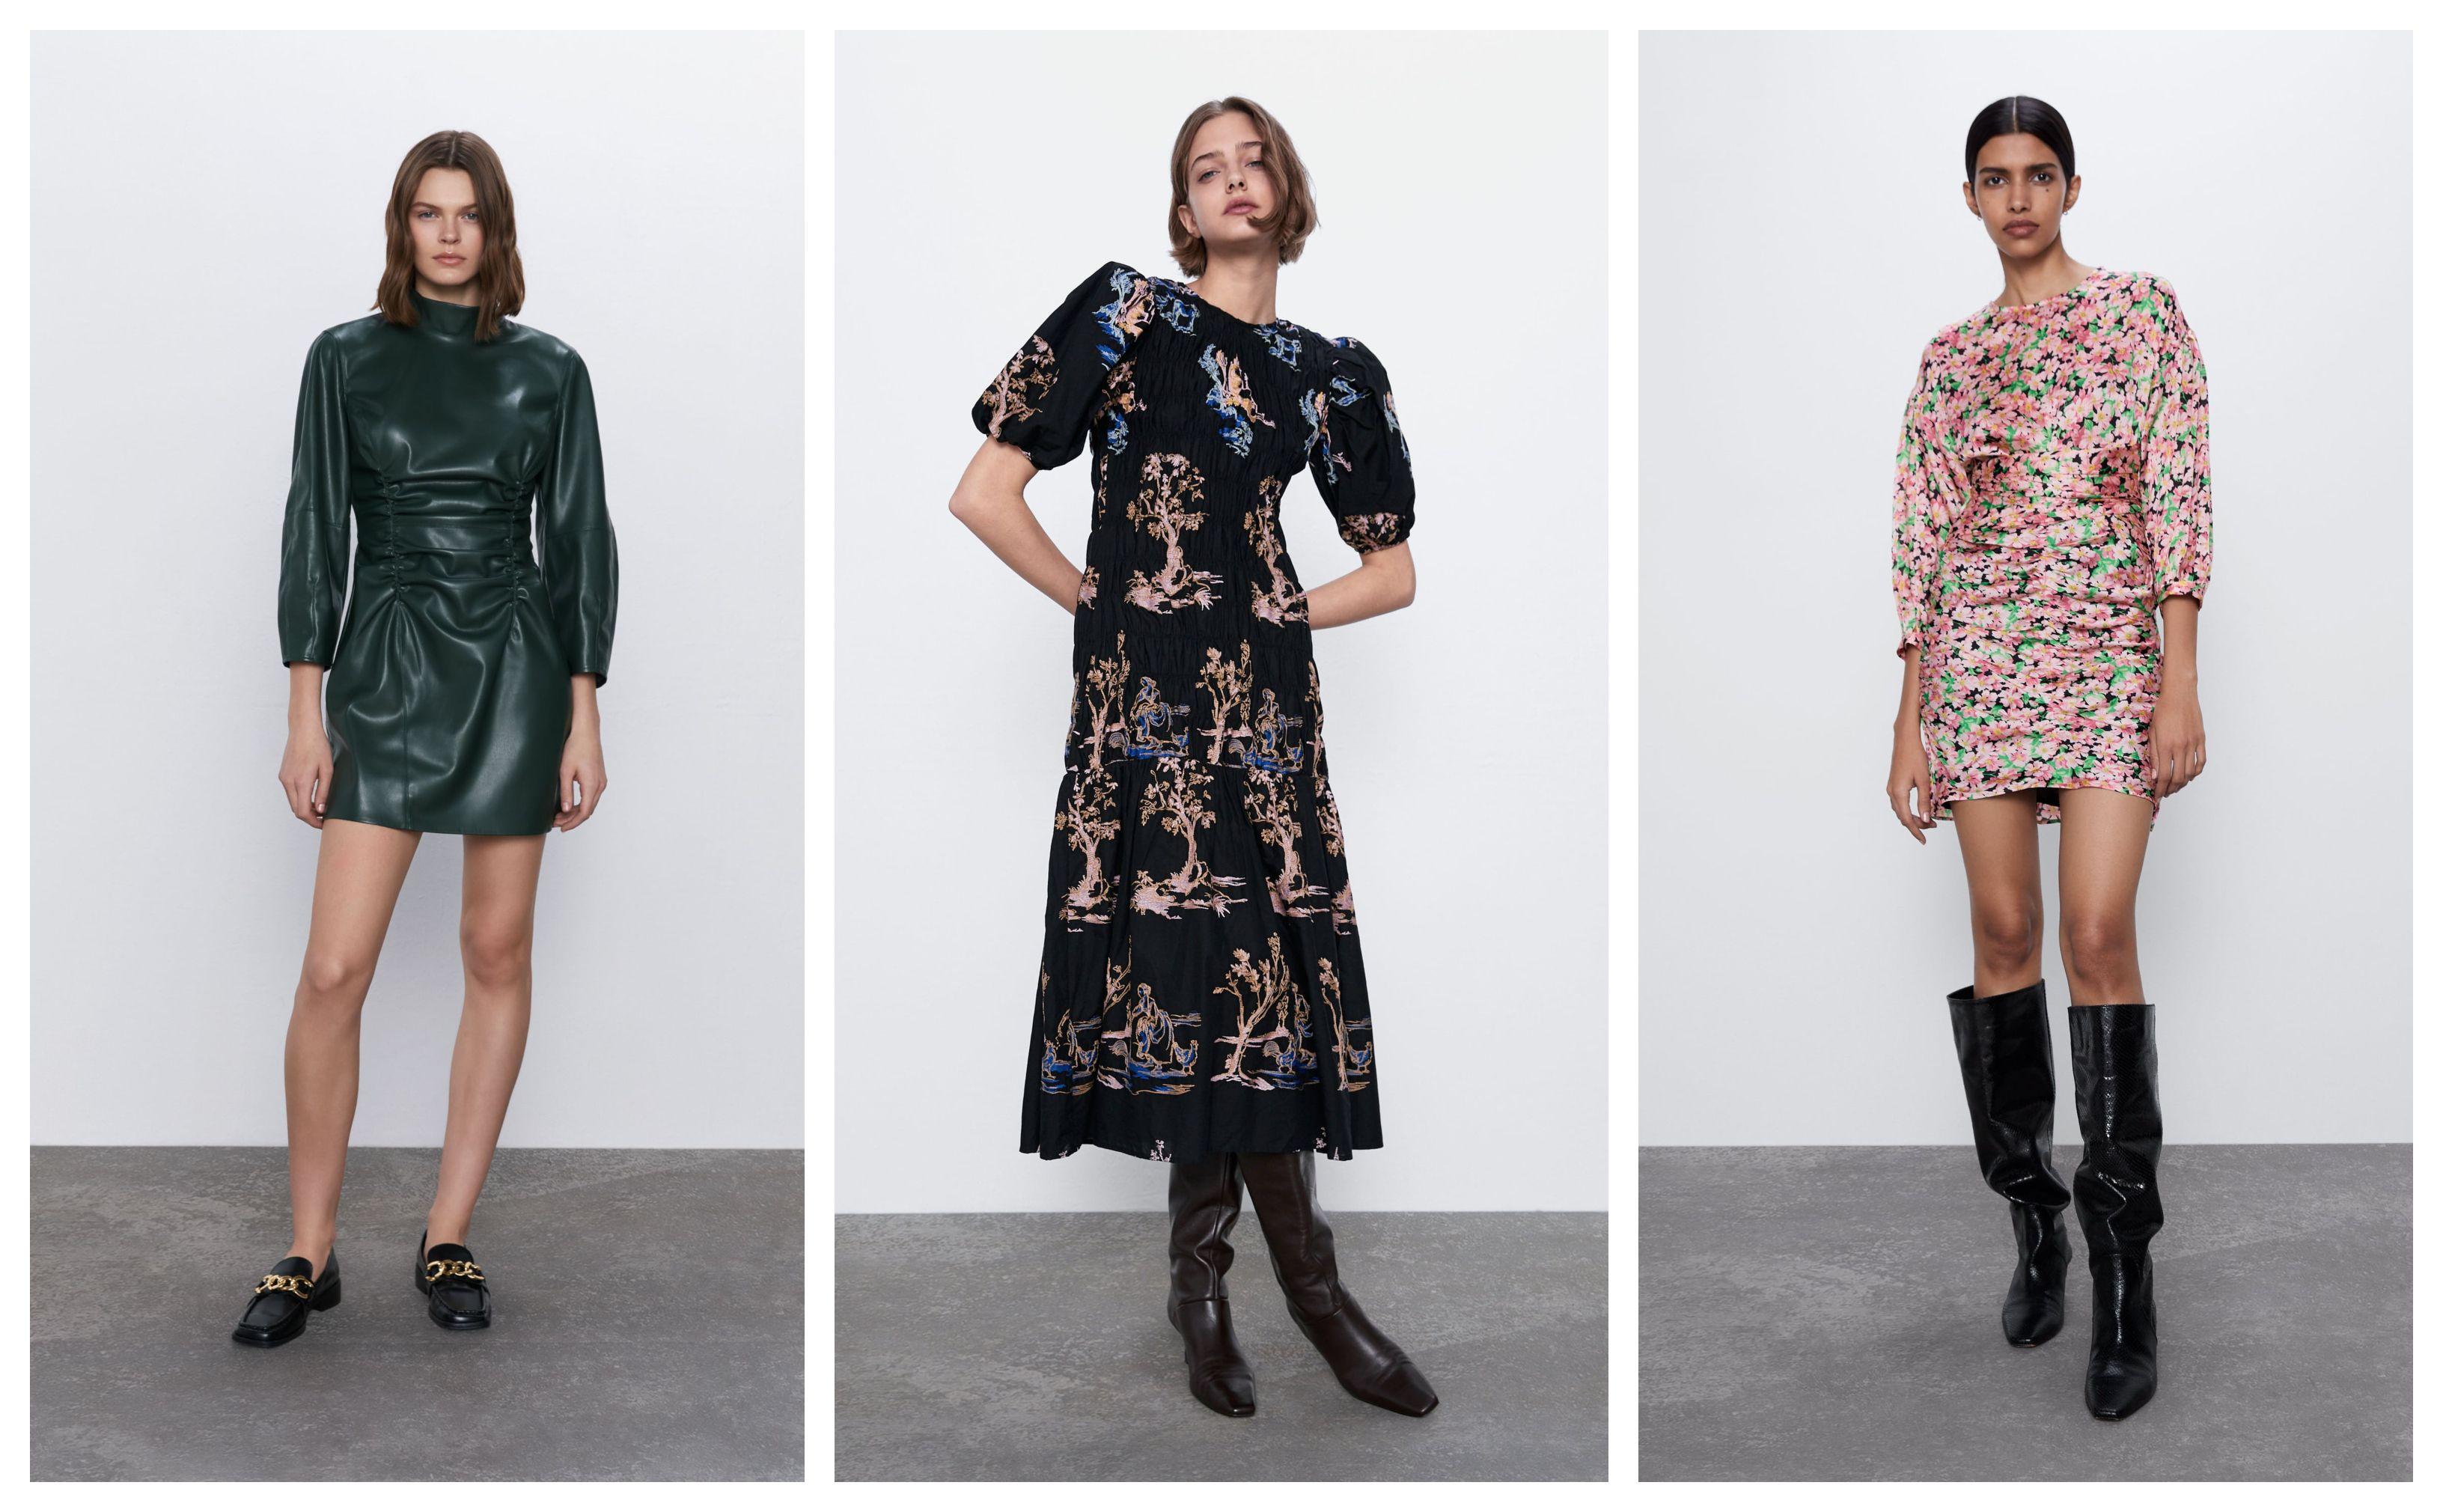 Najljepše haljine iz novih high street kolekcija savršene za zimu, ali i za proljetne dane